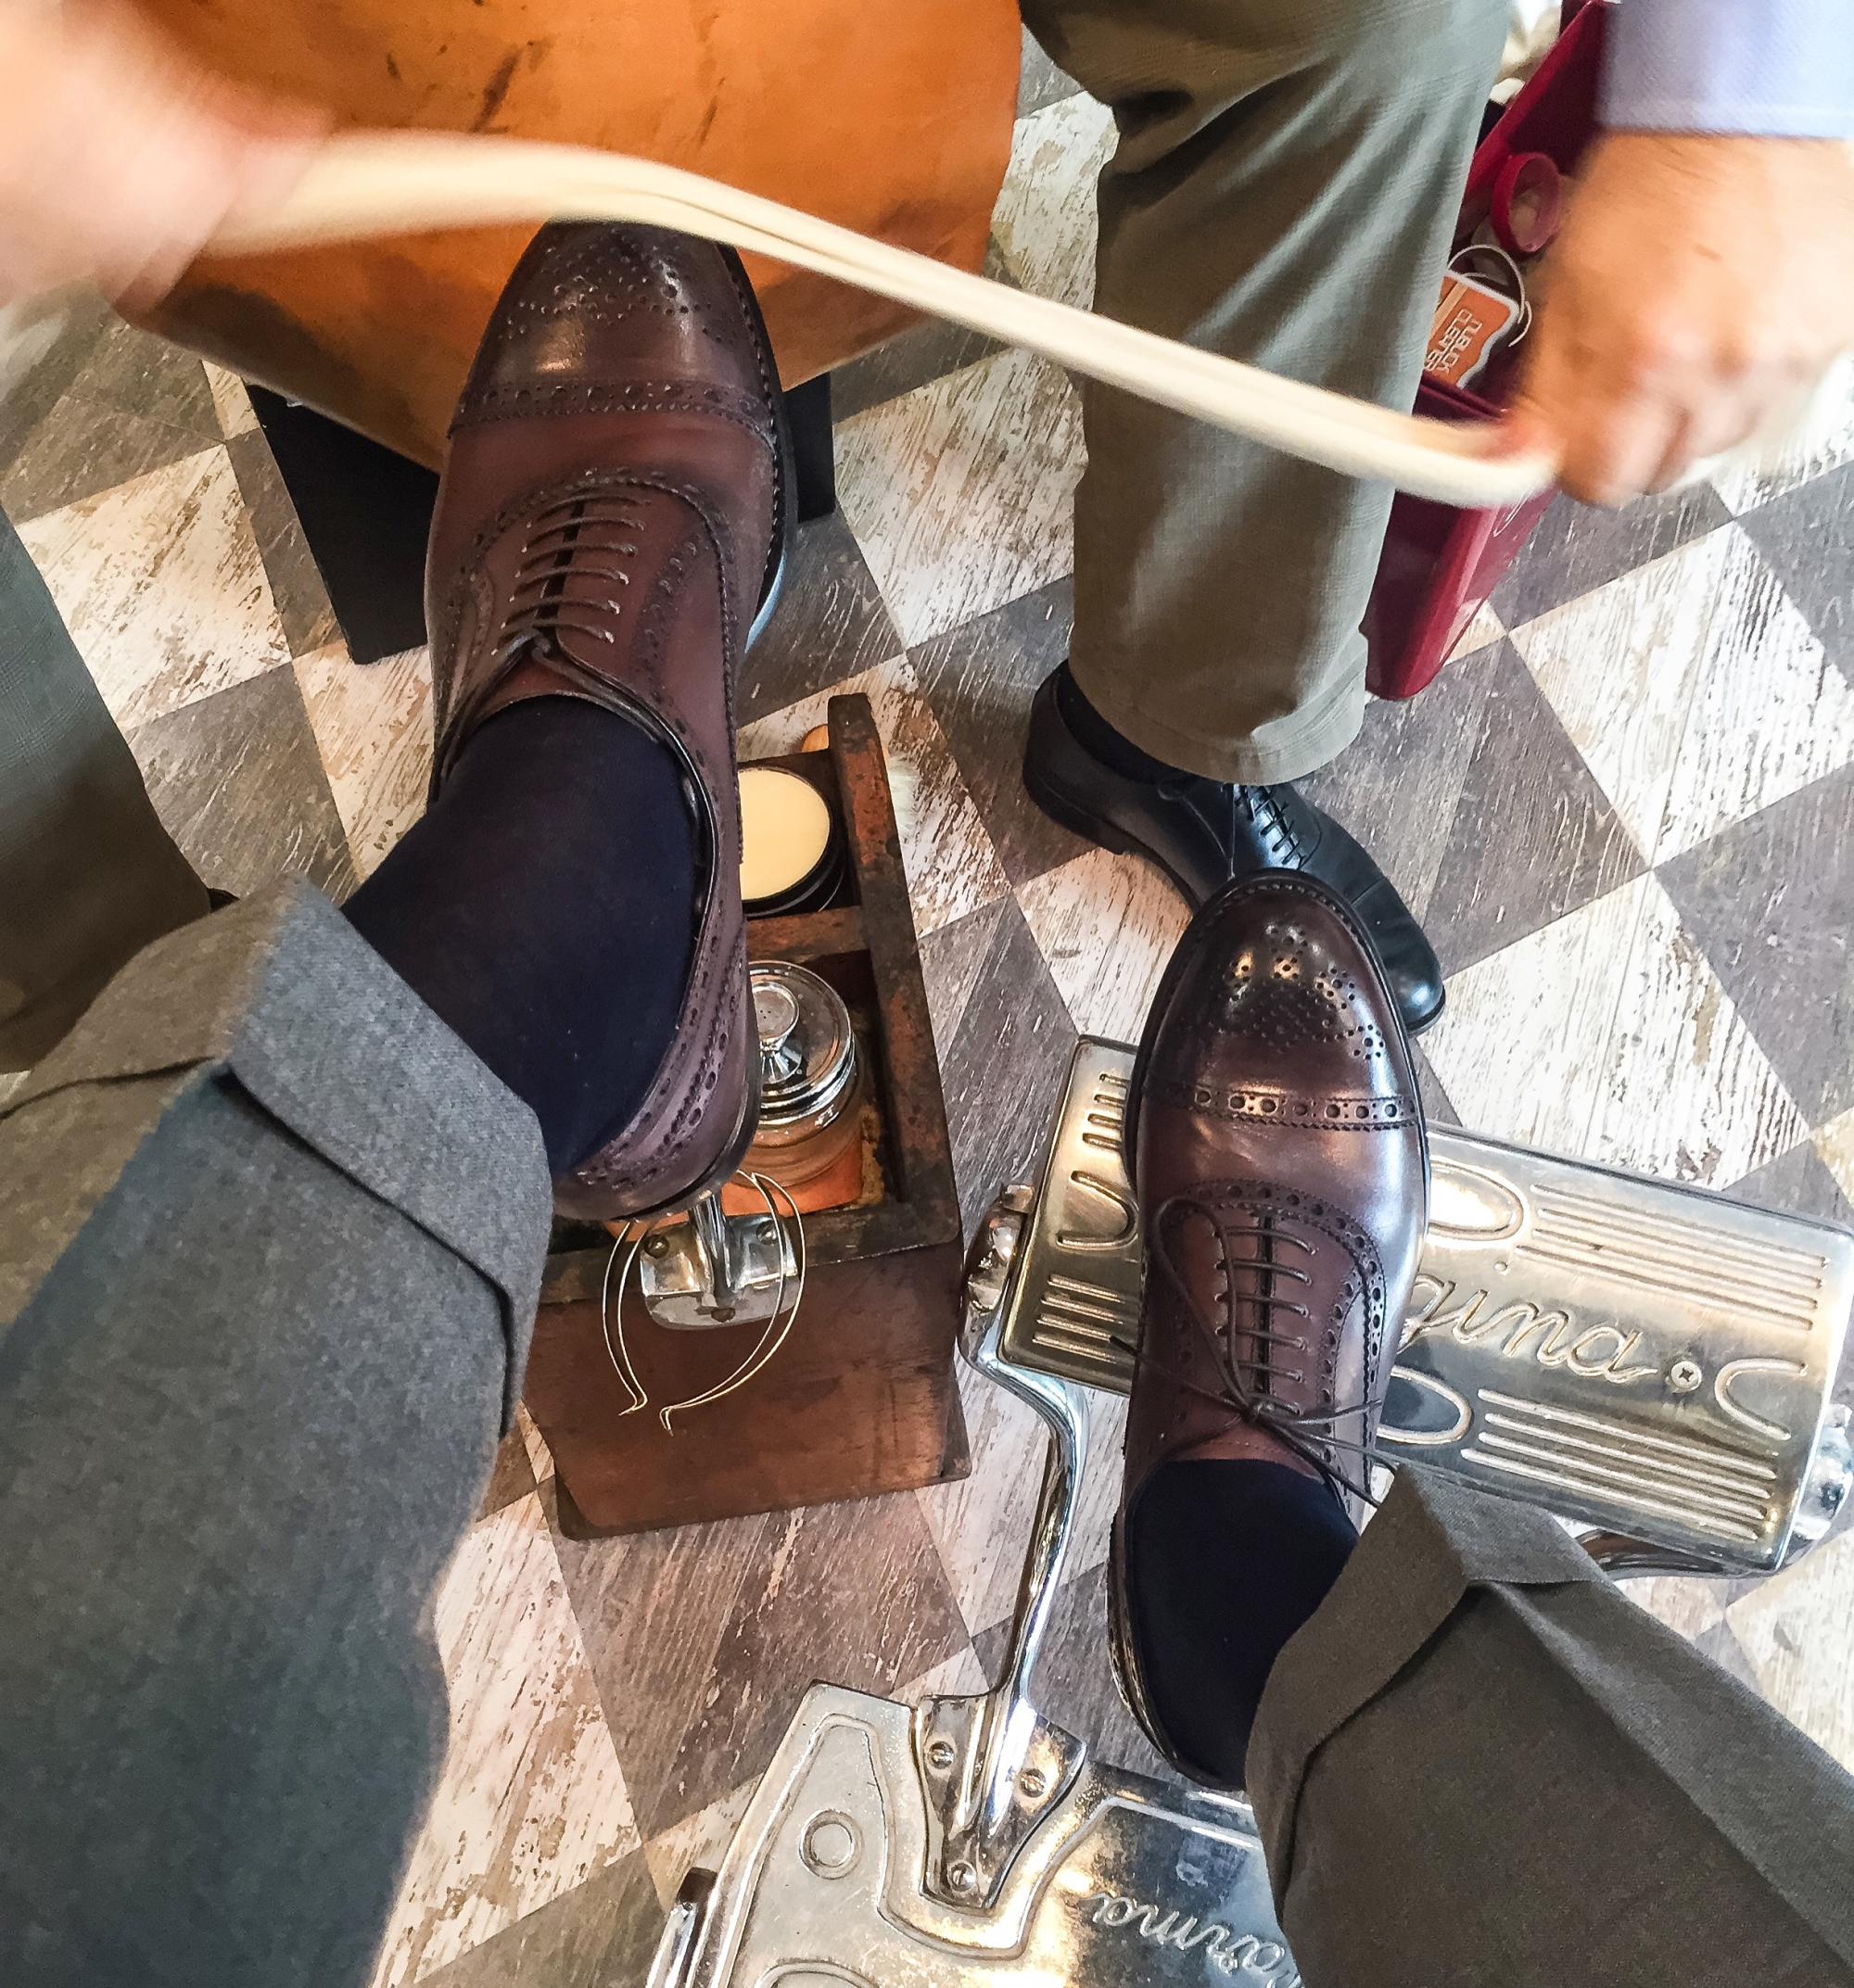 Oxford Shoes Brief video about the dress shoes par excellance